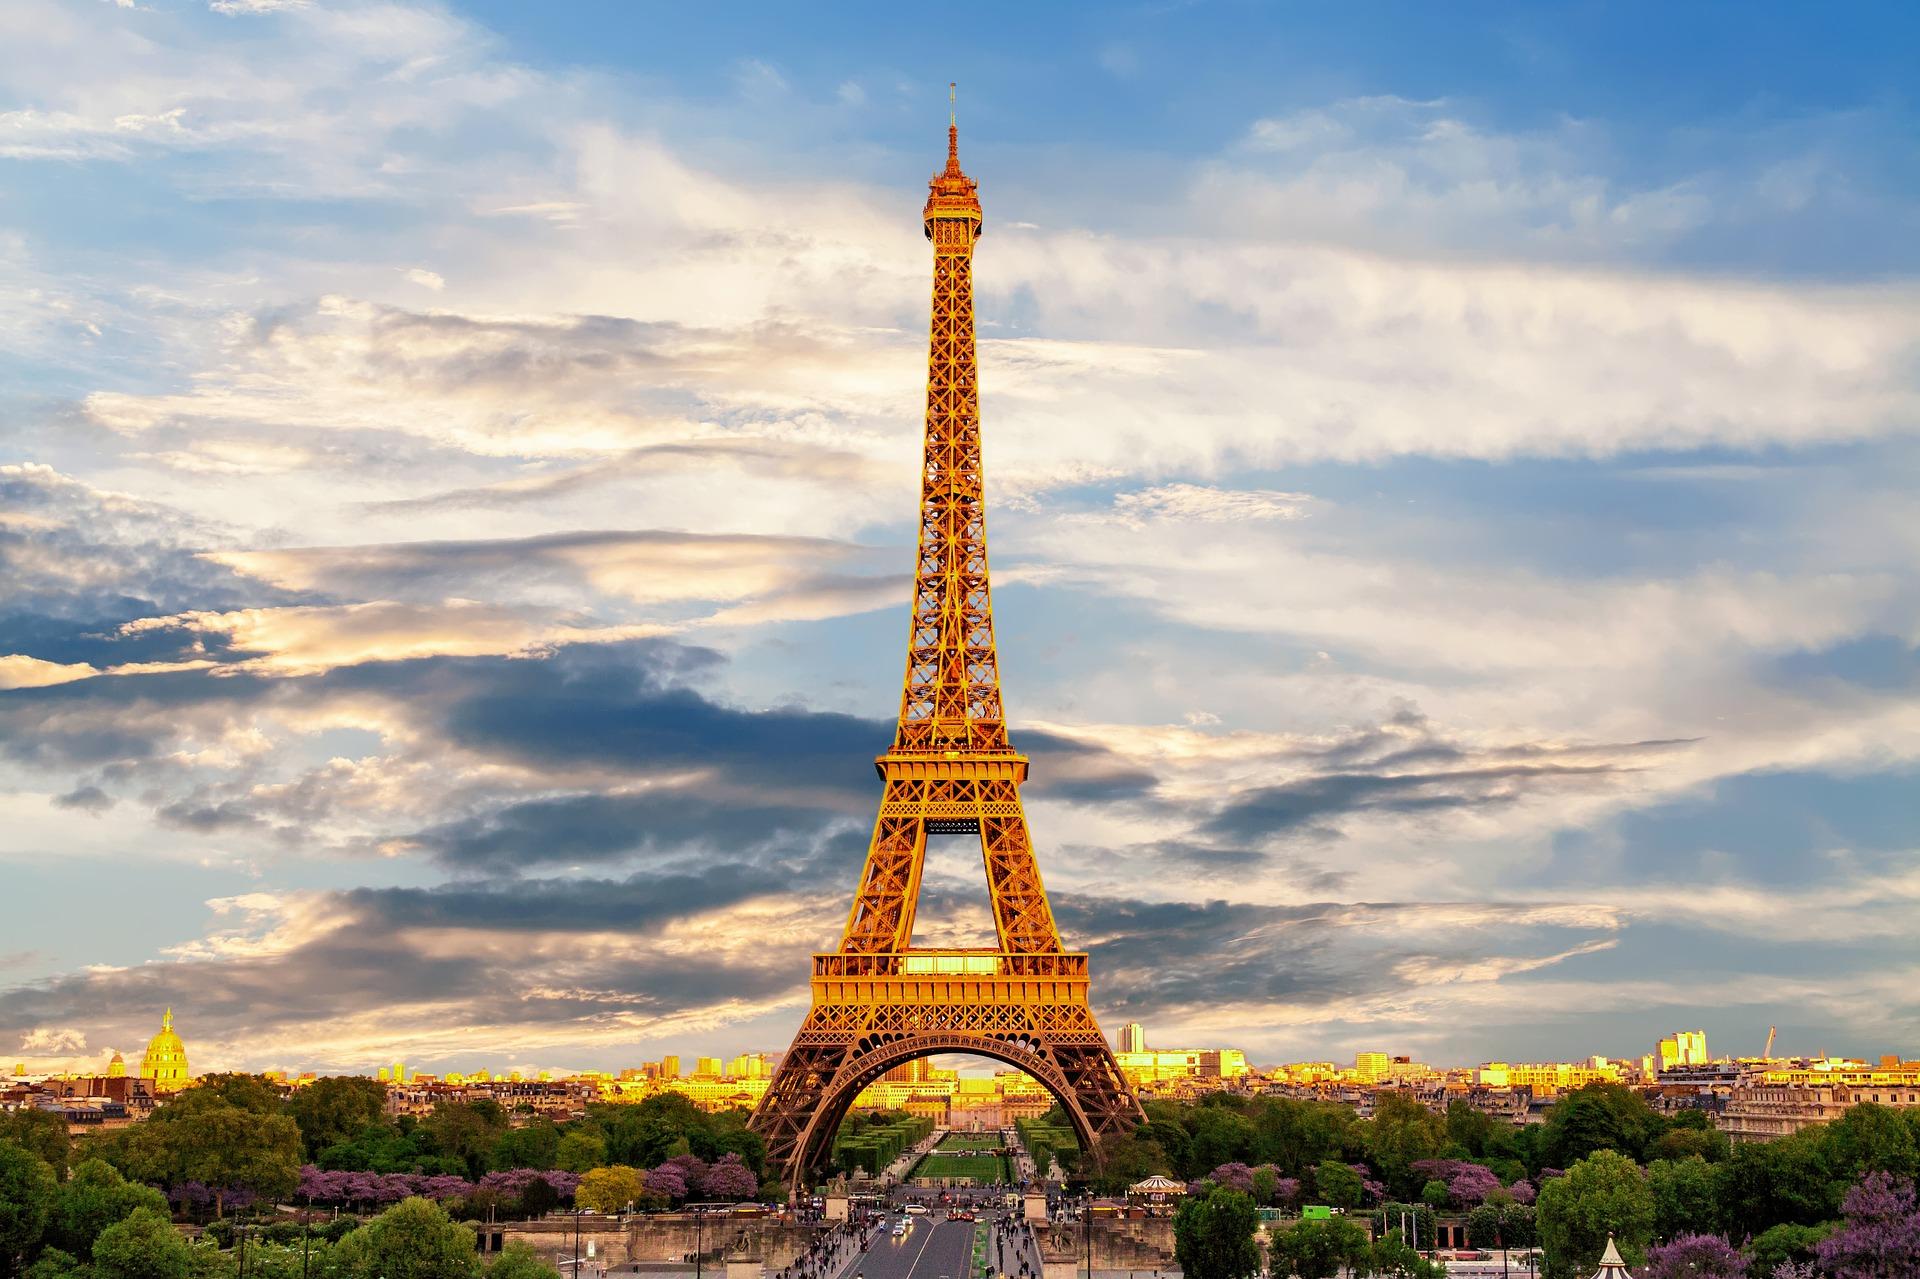 映画「パリより愛をこめて」優雅なパリでイケメンと破天荒のコンビが奔走する